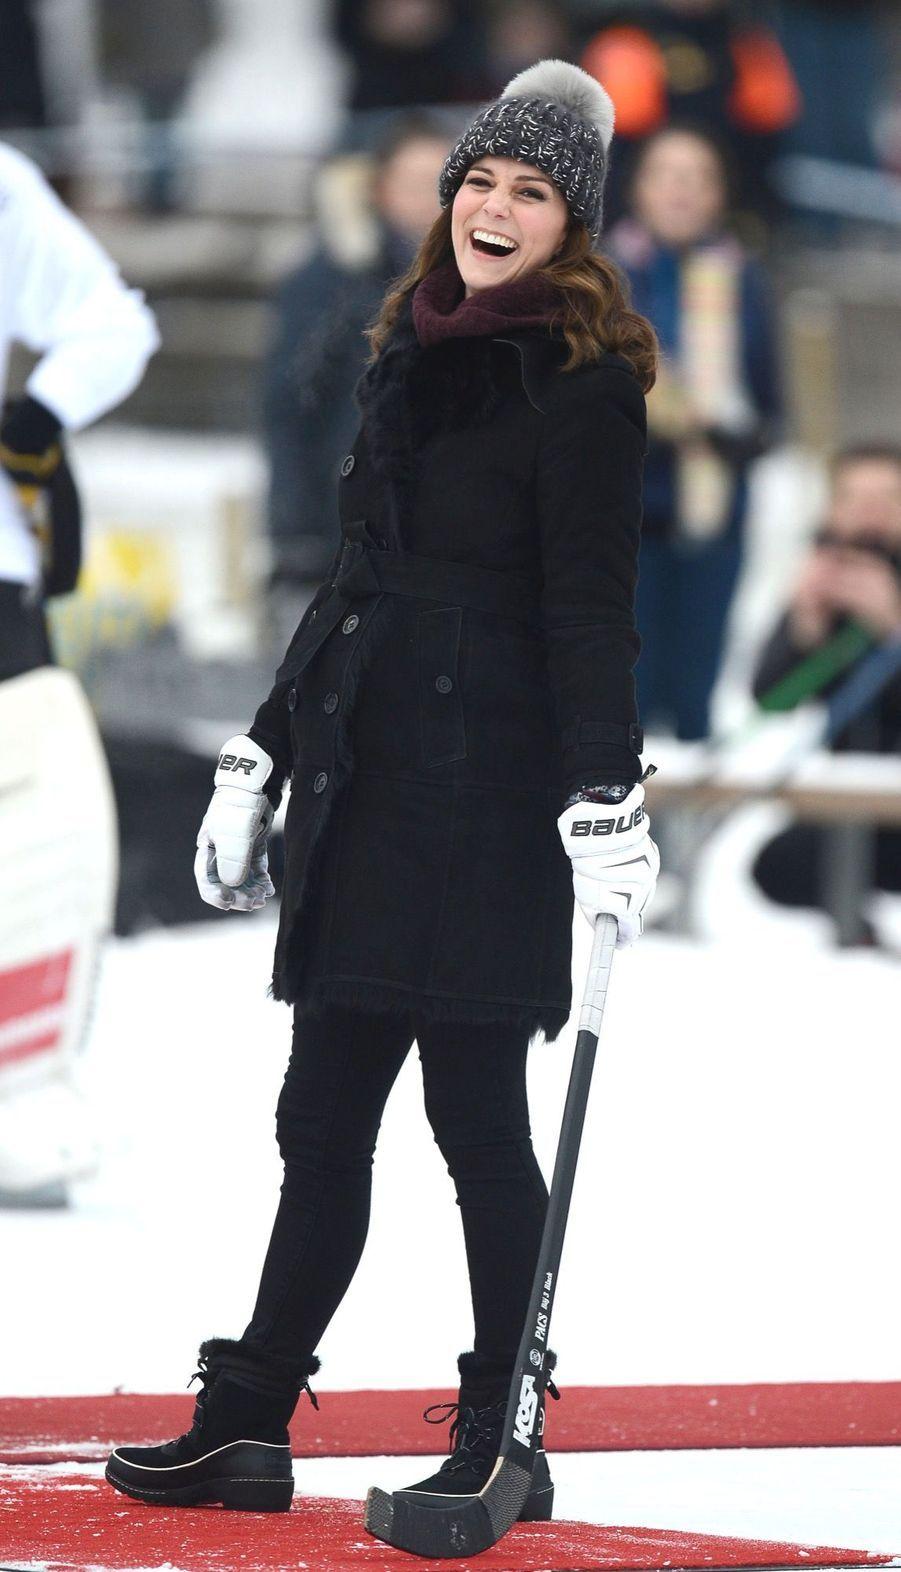 Kate Et William Dans Le Froid De L'hiver Suédois 19